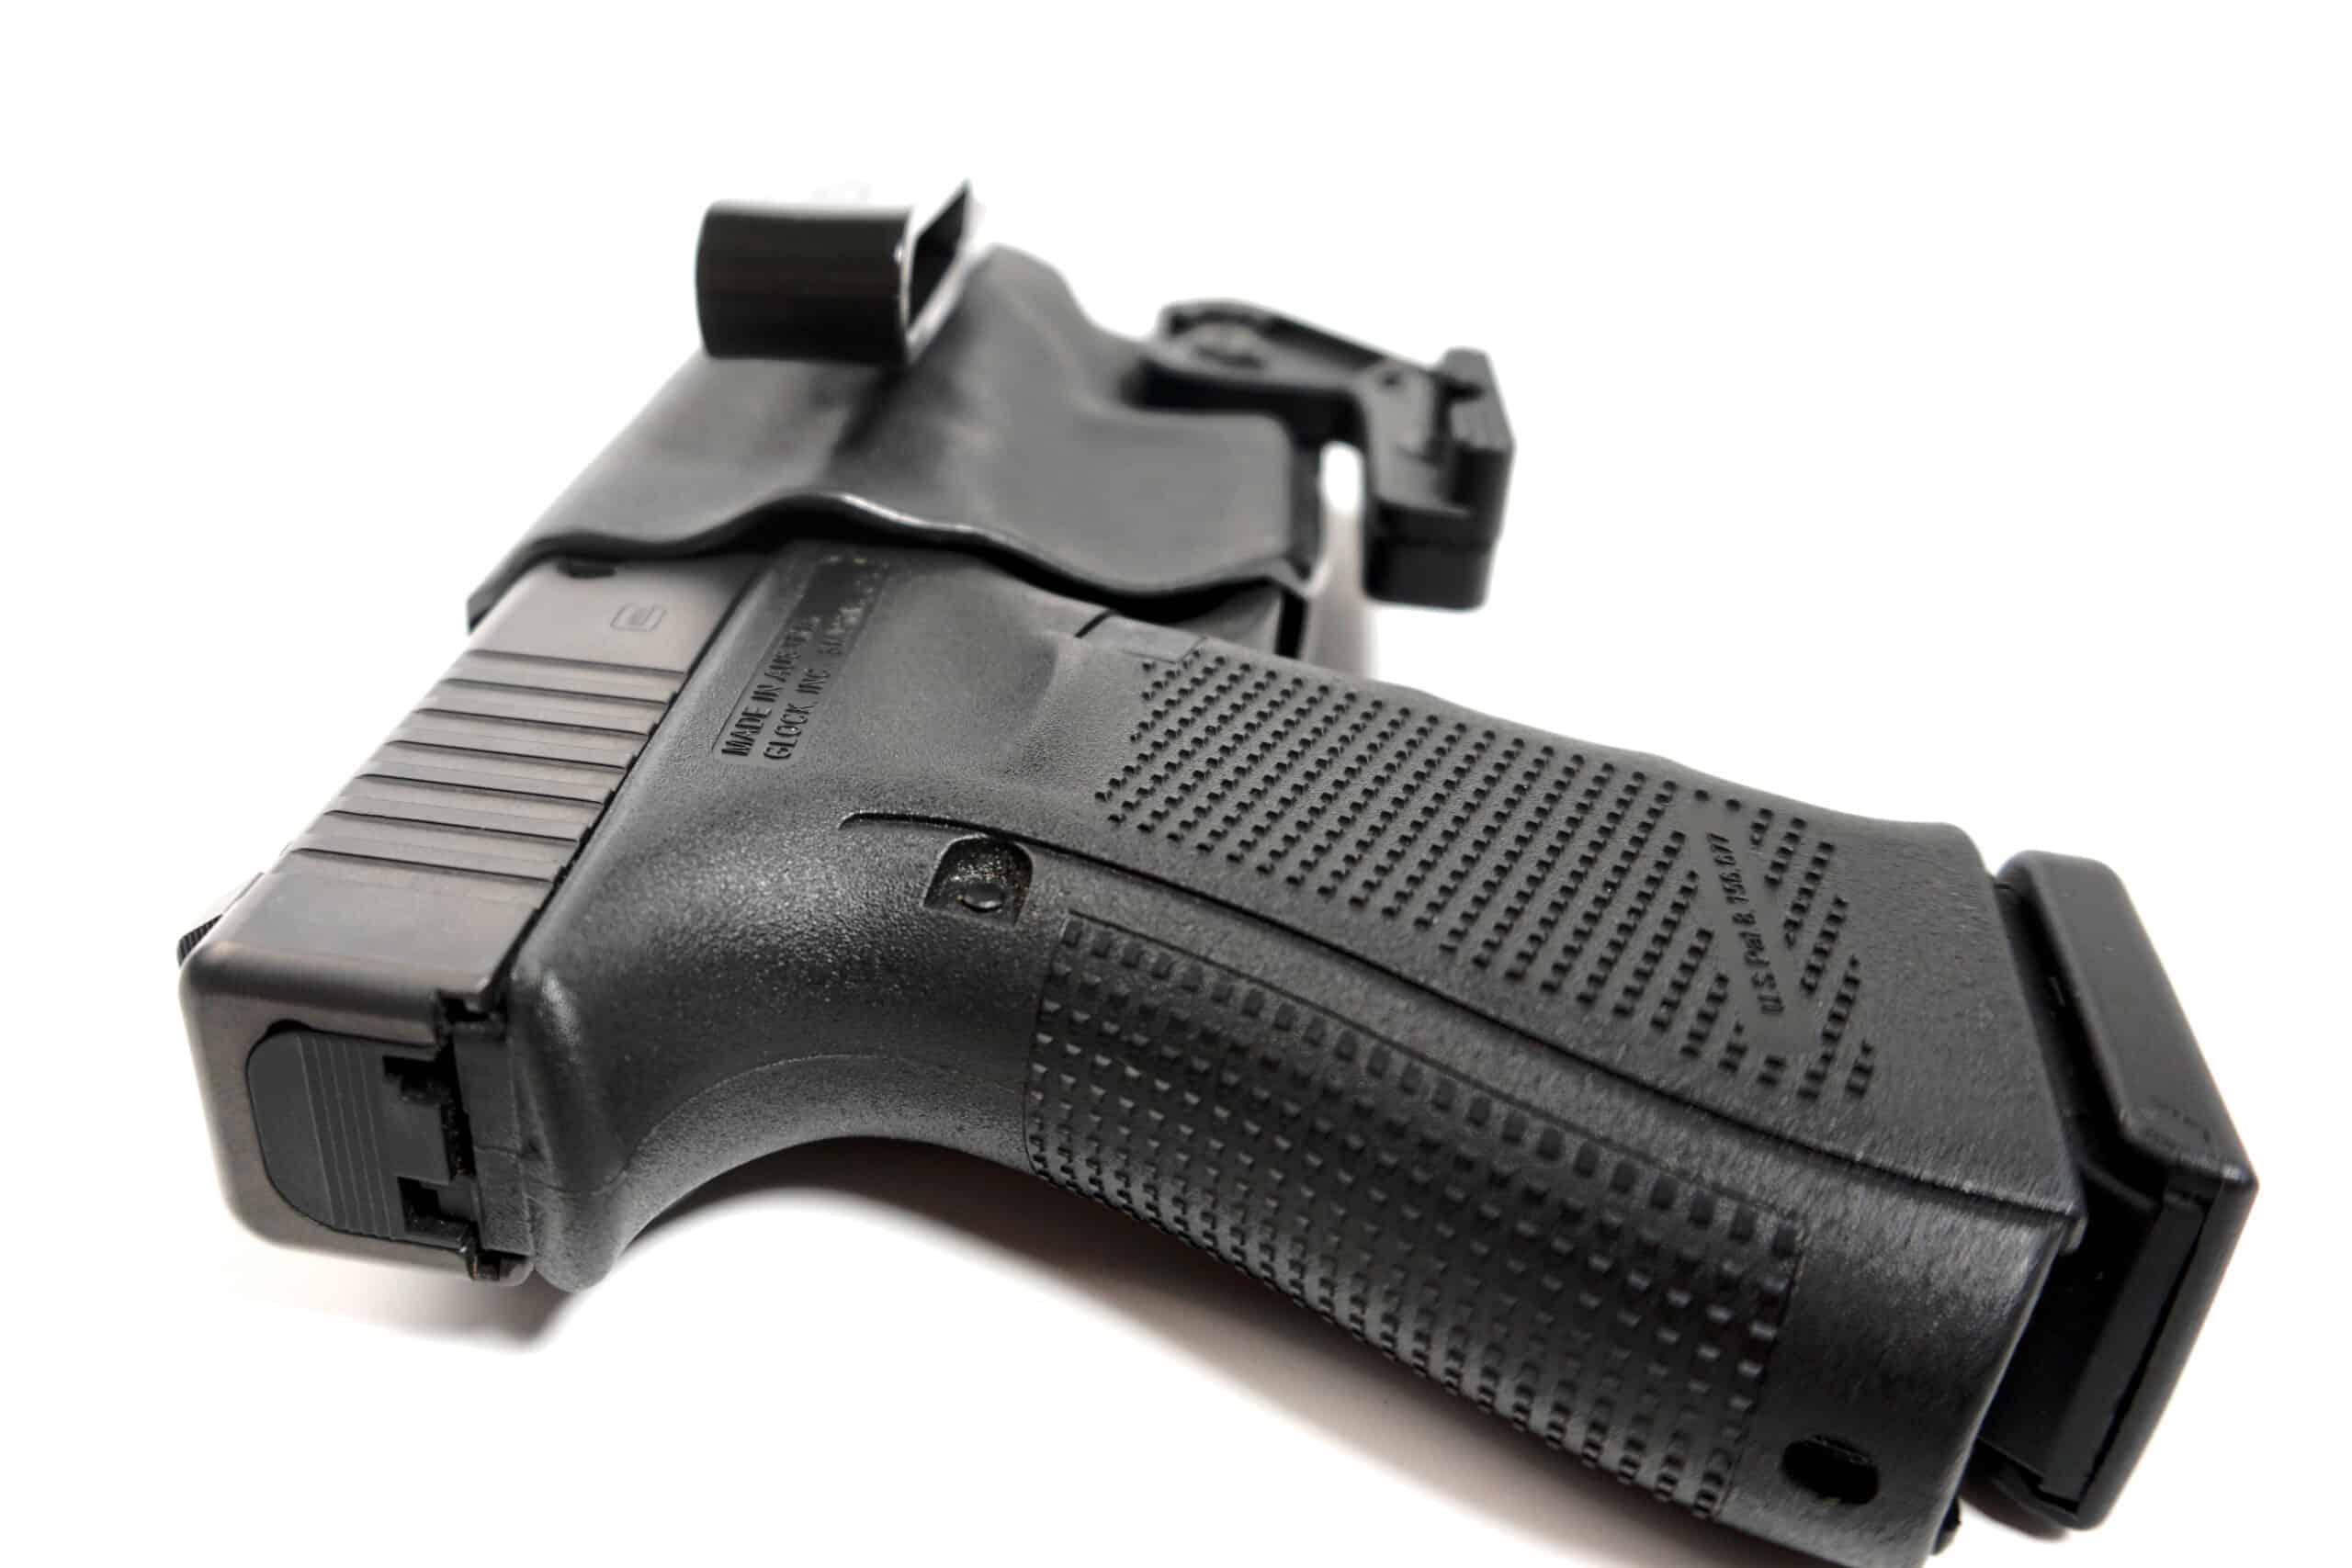 Iwi Masada 9mm Iwb Kydex Holster Made In U S A Lifetime Warranty